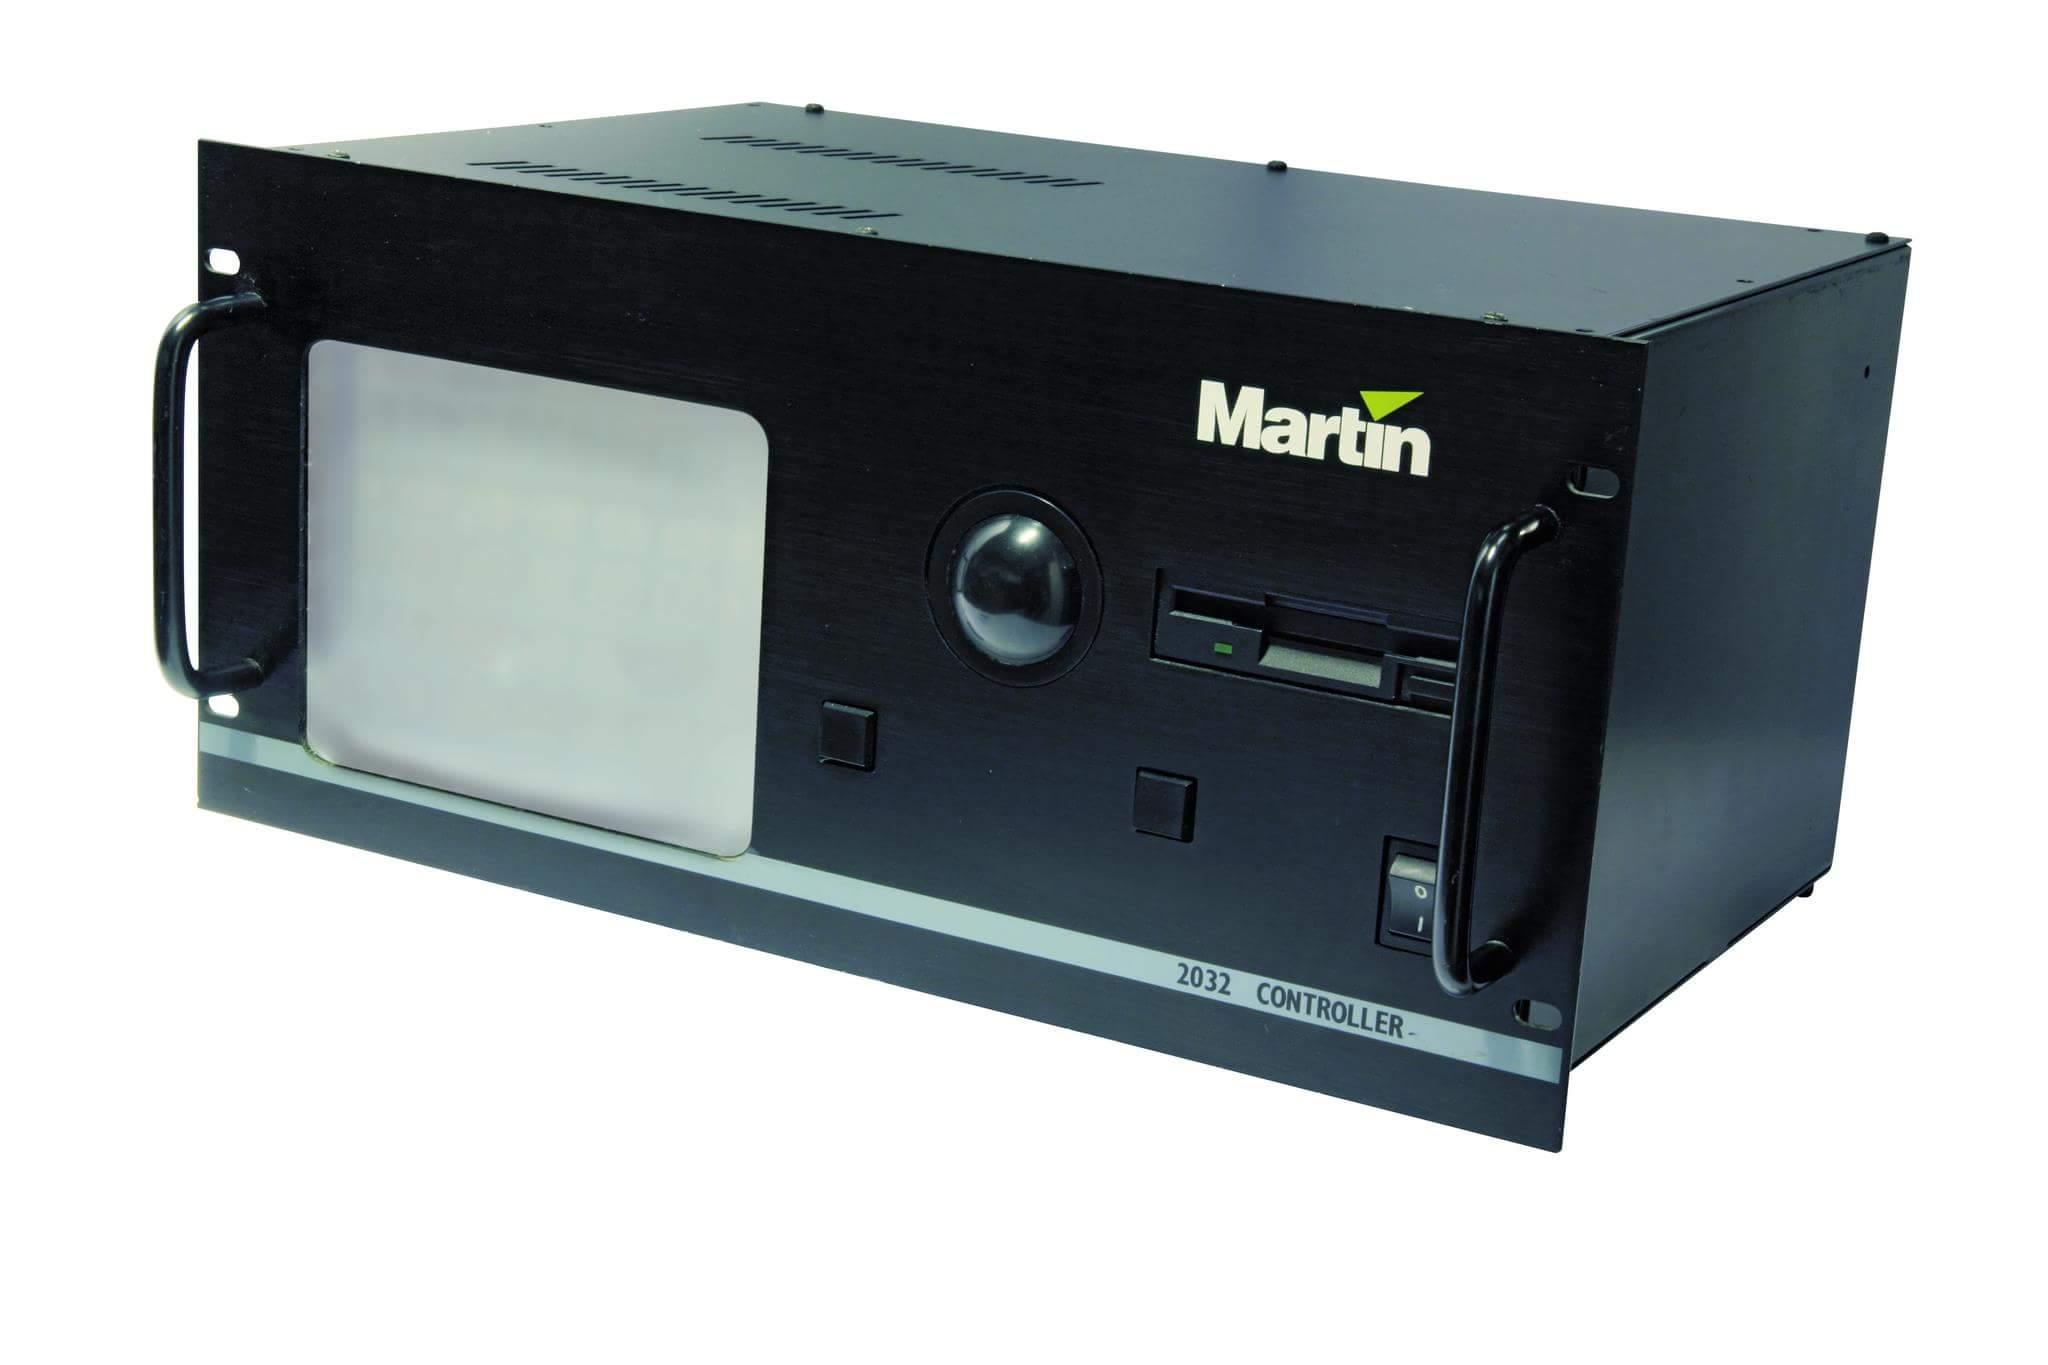 Martin Controller 2032